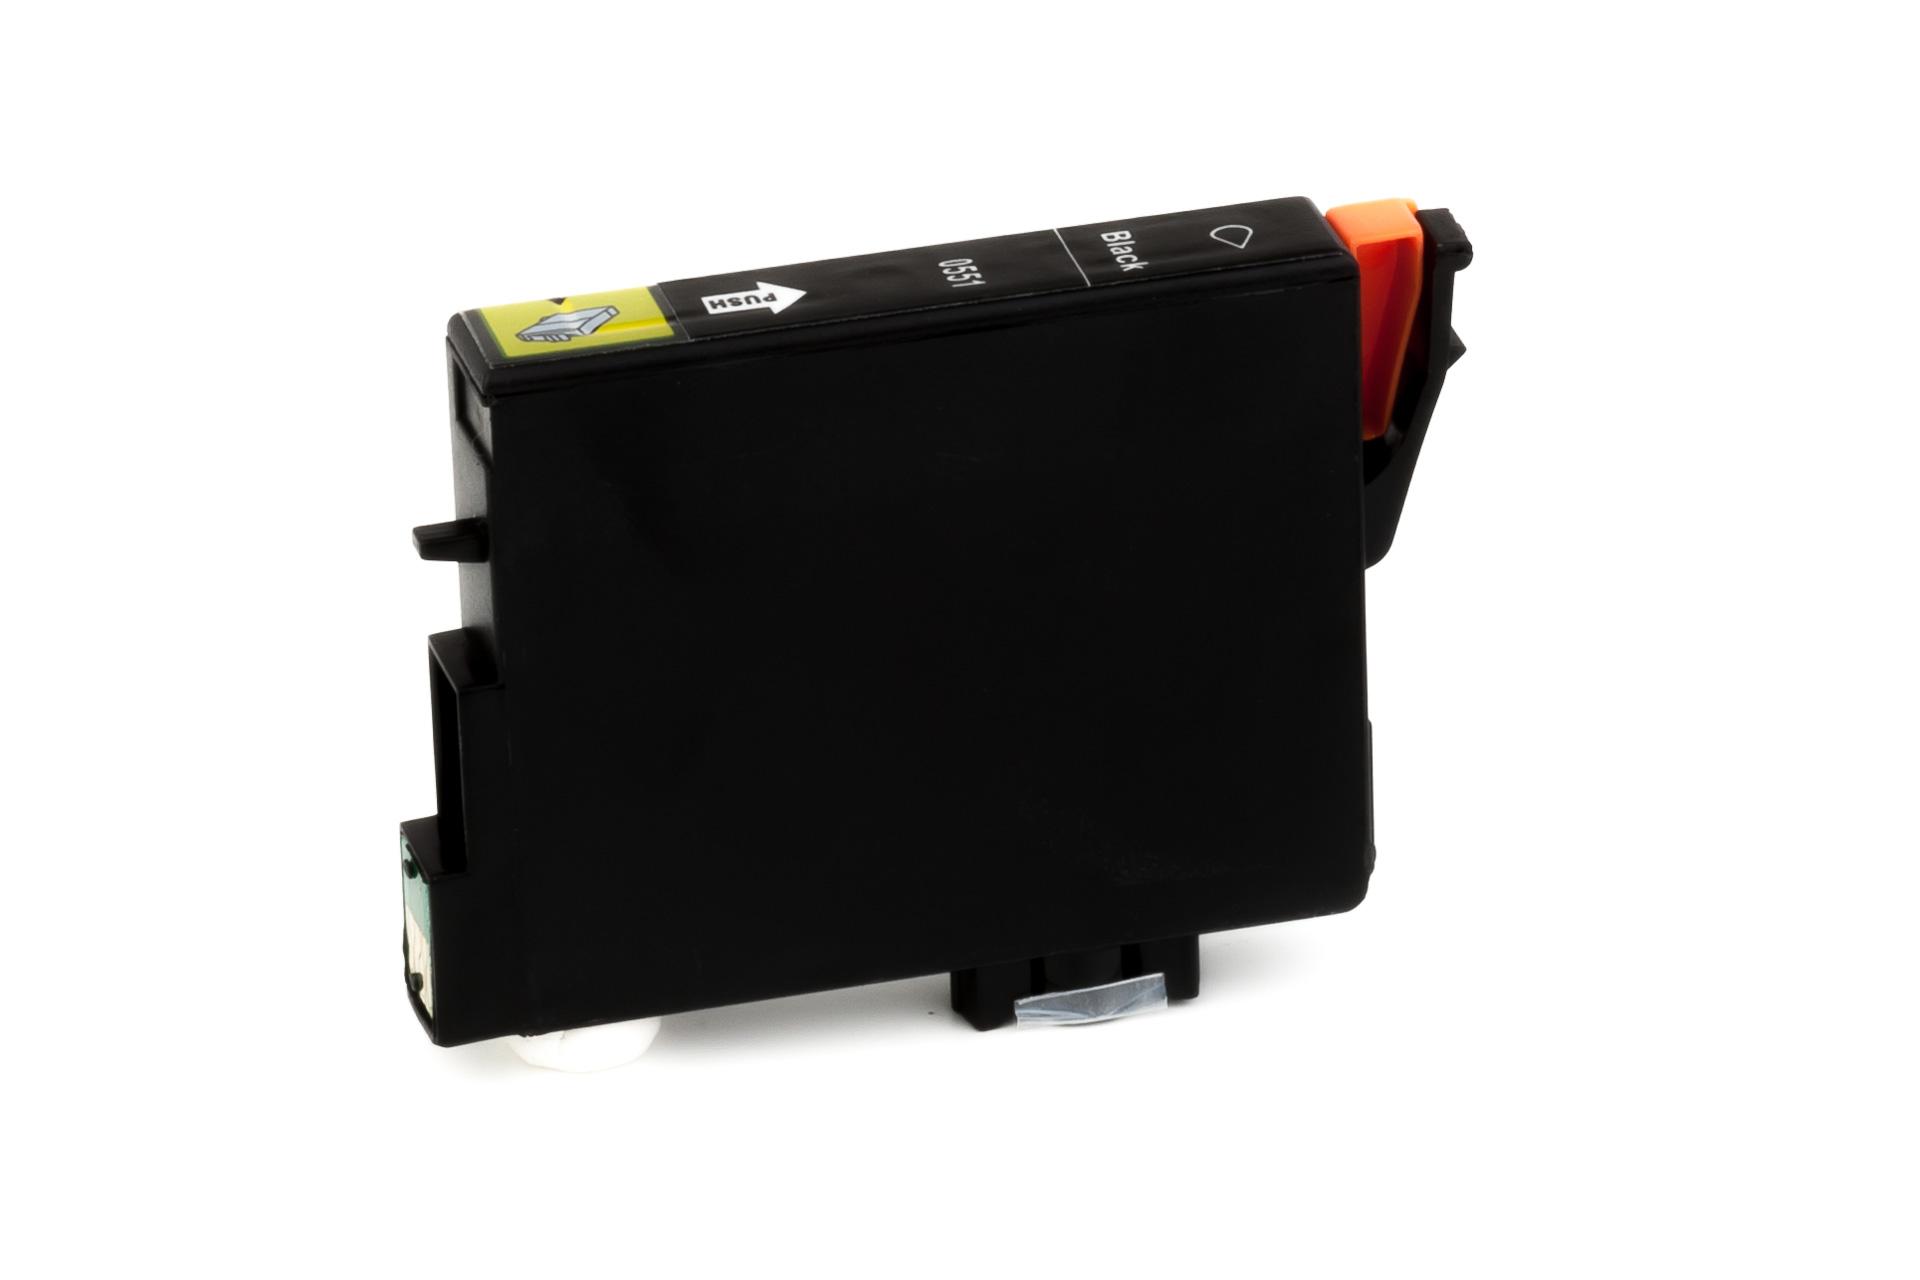 ASC-Premium-Tintenpatrone für Epson Stylus Photo RX 520 schwarz Stylus Photo RX 520 StylusPhotoRX520